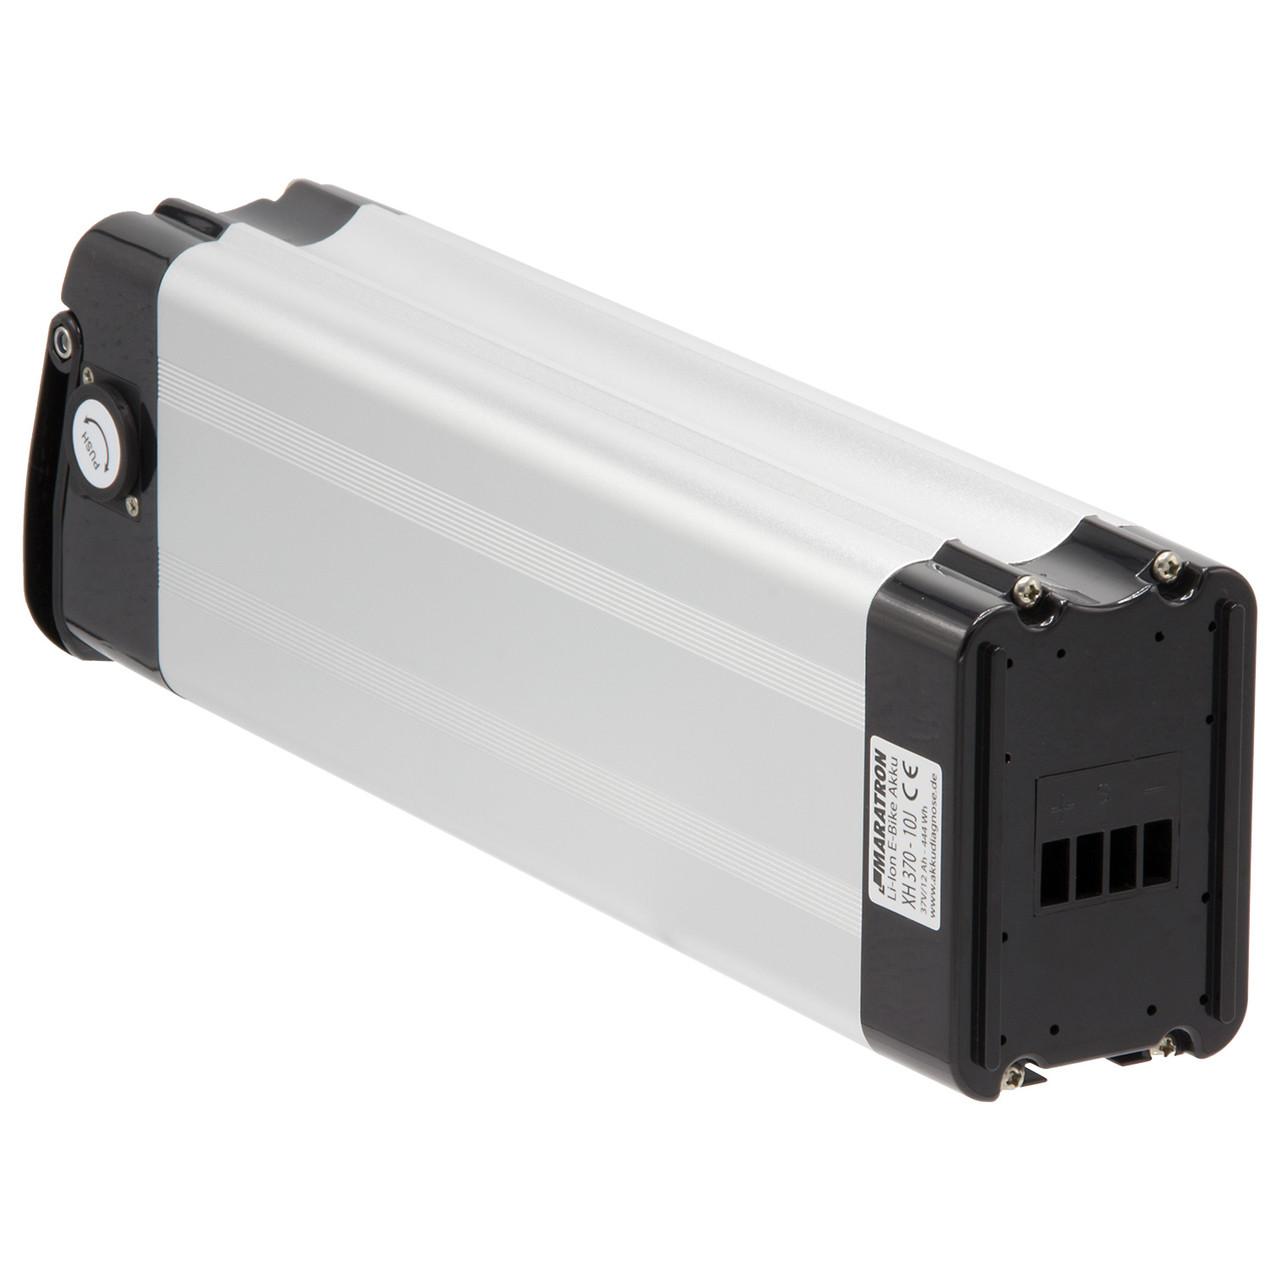 K&J Ersatzakku Batterie 37V 12Ah silber für Aldi Prophete MiFa Trio Samsung Alu-Rex Phylion NCM SWEMO – Bild 2